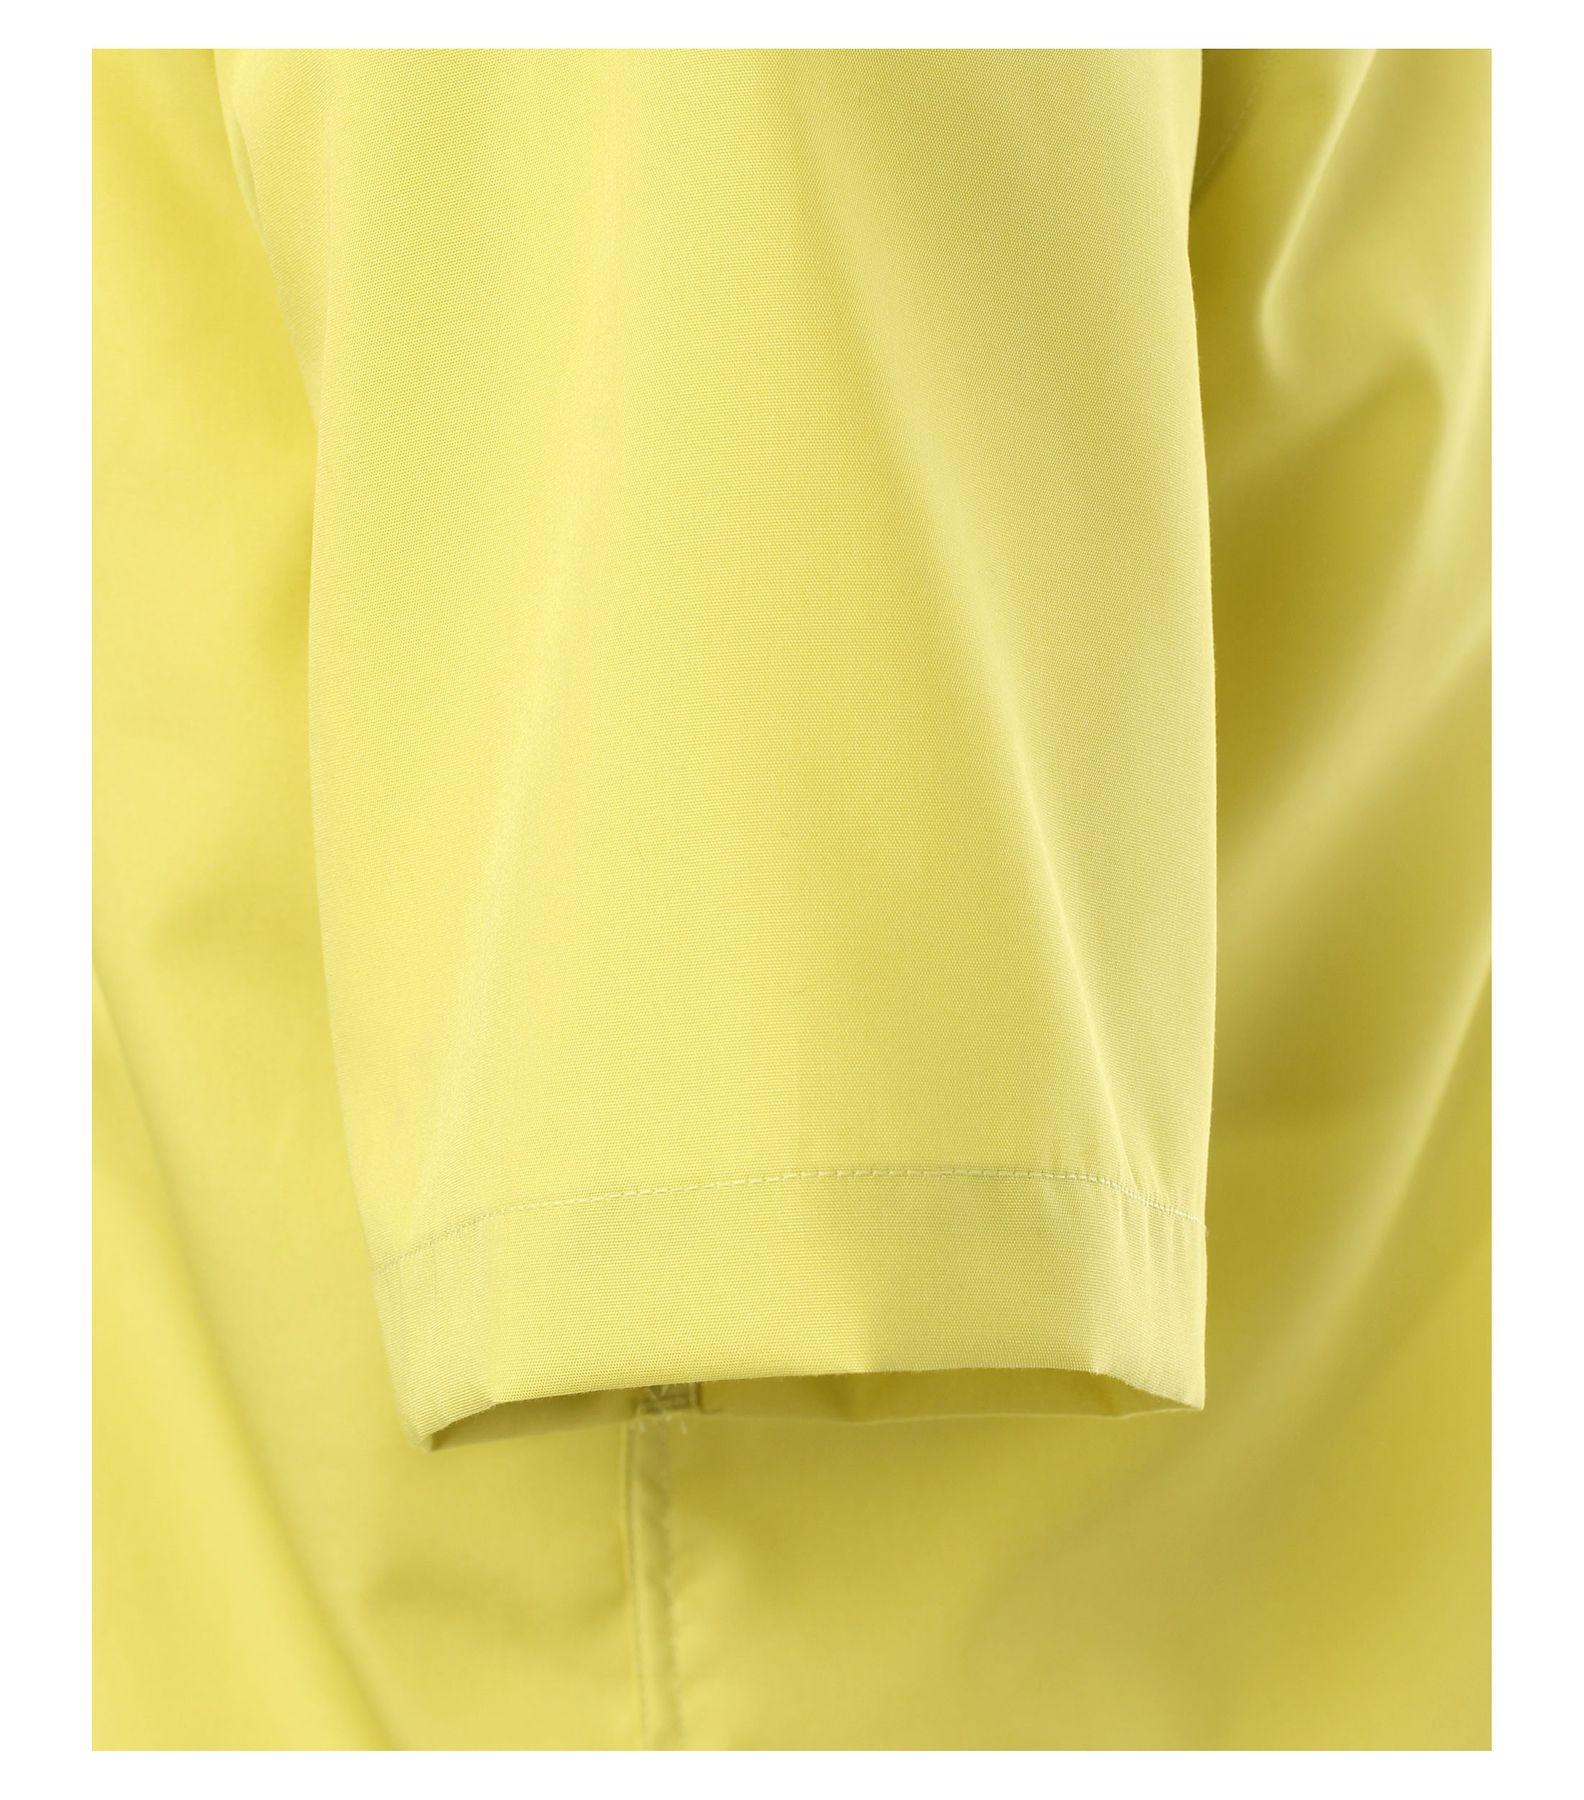 Venti - Slim Fit - Bügelfreies Herren Kurzarm Hemd in diversen Farben (001620 A) – Bild 7